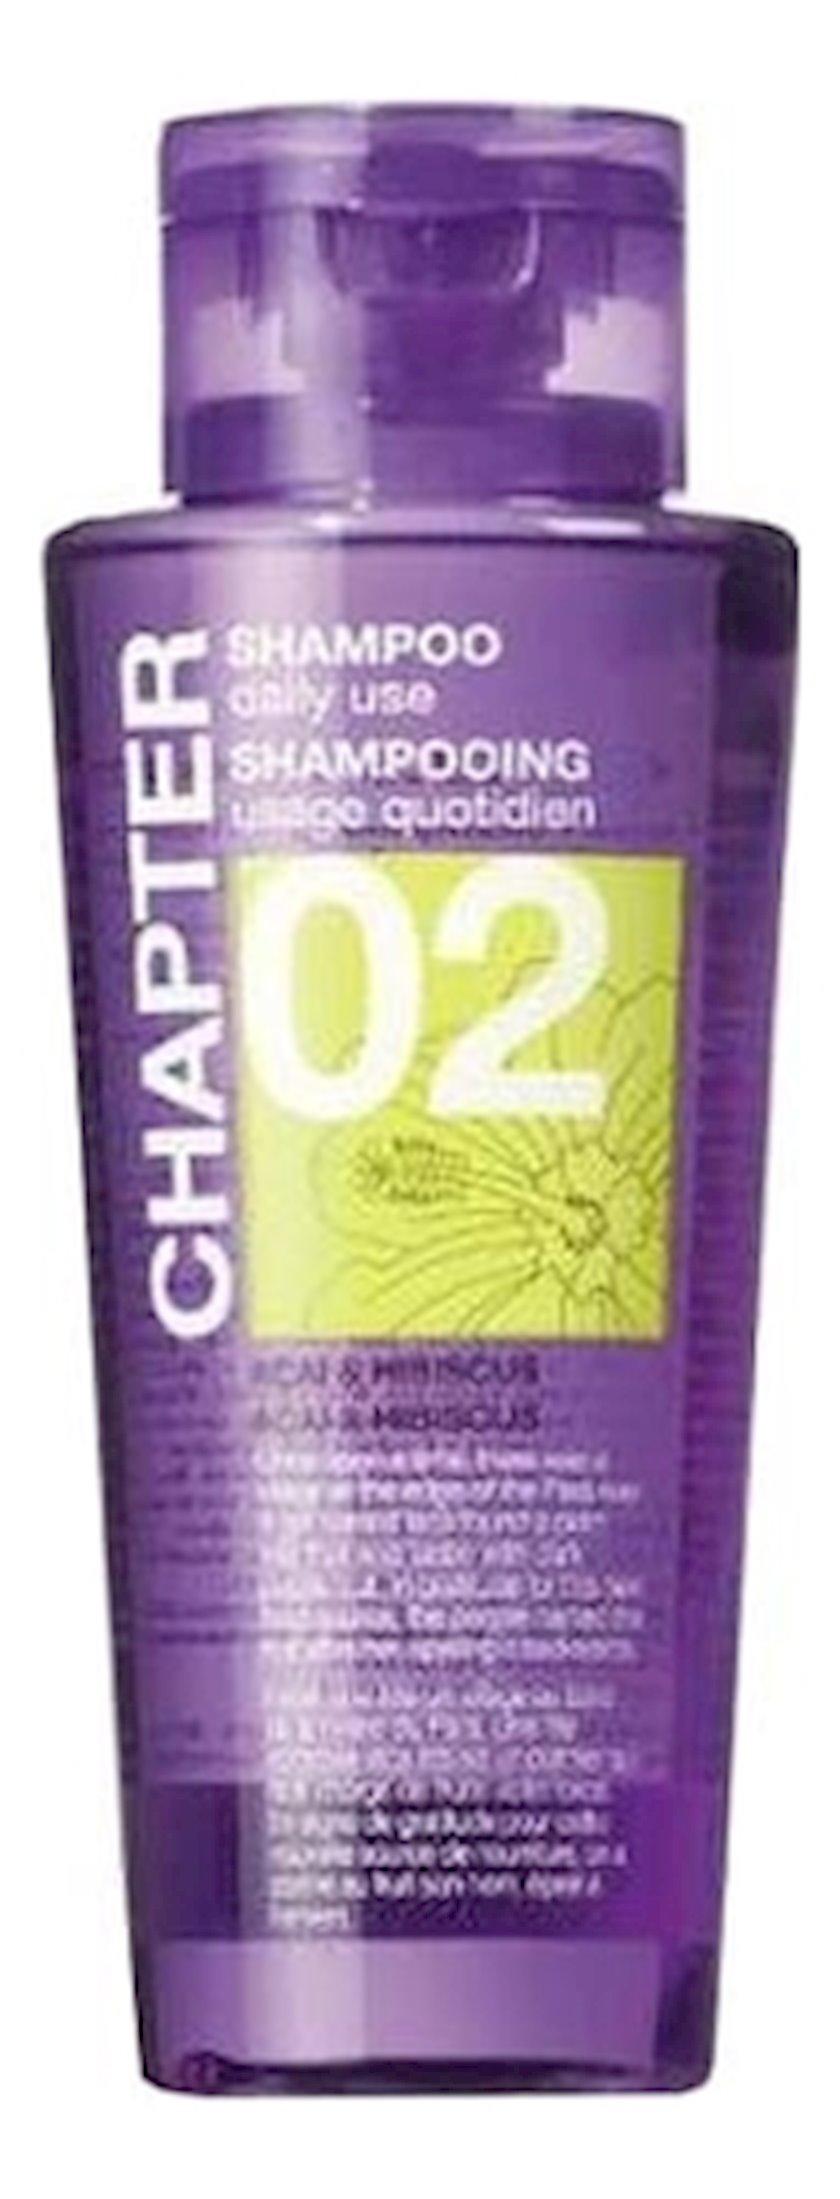 Saç şampunu Mades Cosmetics Chapter 2 Asai giləmeyvələri və hibiskus ətri ilə 400 ml